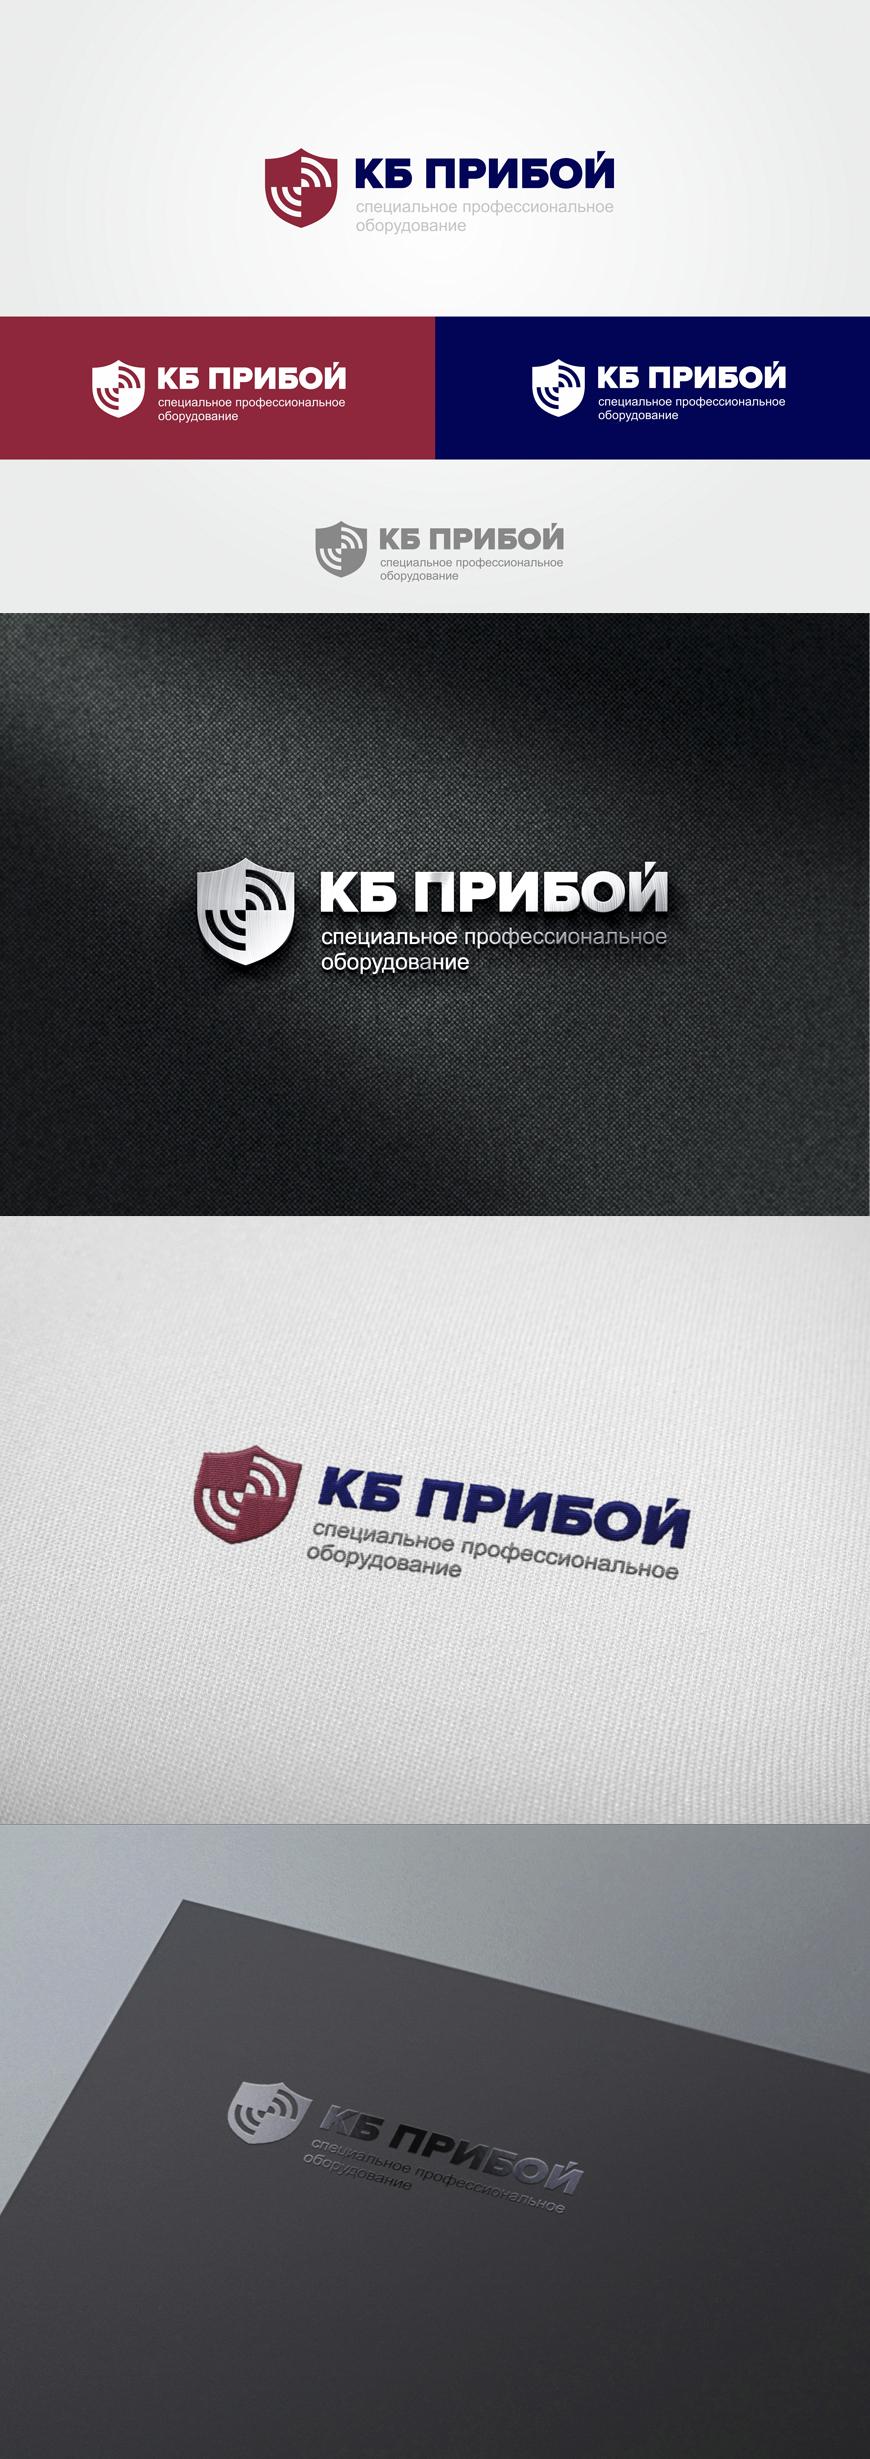 Разработка логотипа и фирменного стиля для КБ Прибой фото f_0195b2a477bed0f5.jpg